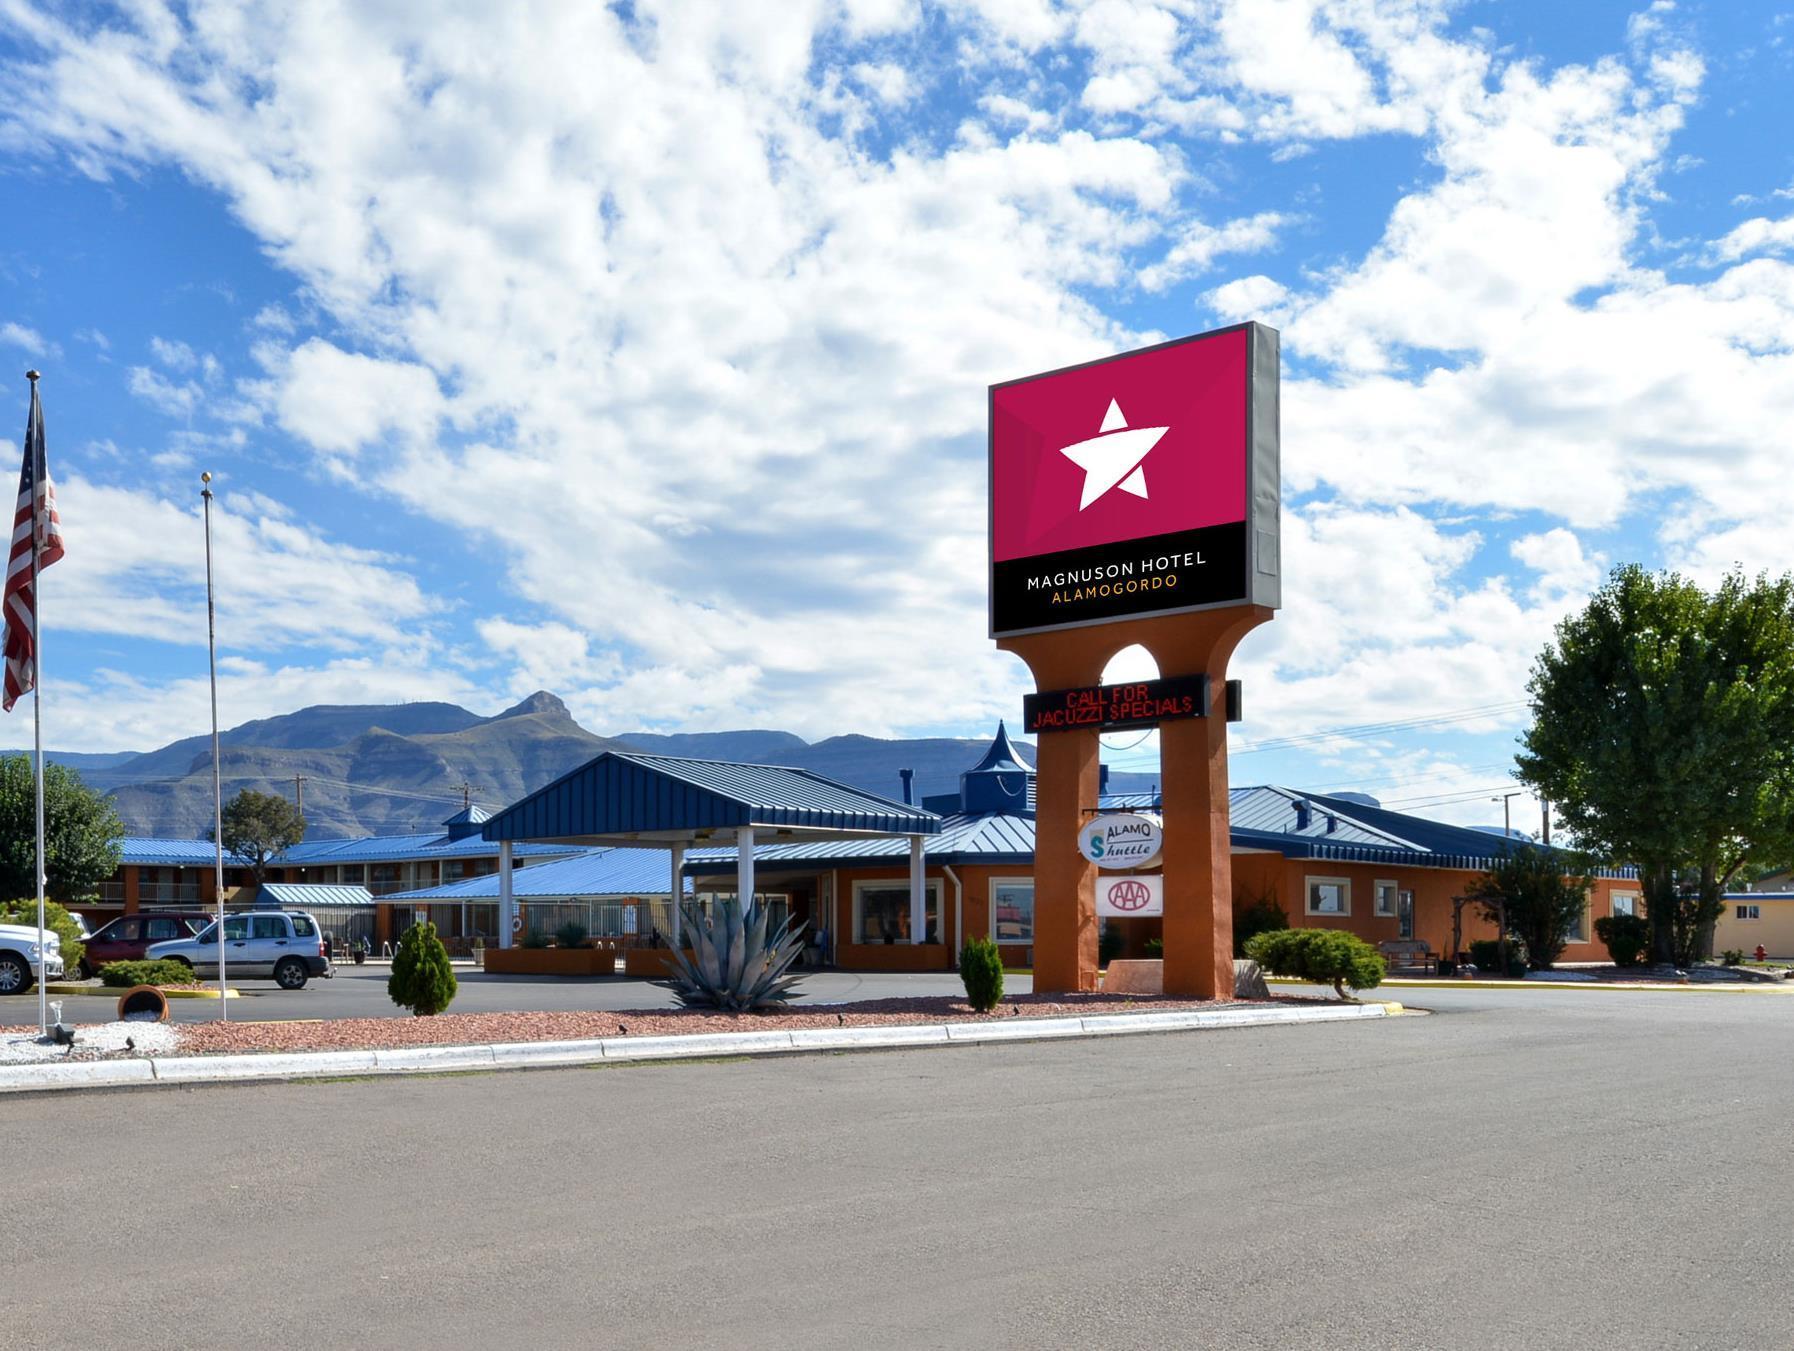 Magnuson Hotel and Suites Alamogordo, Otero